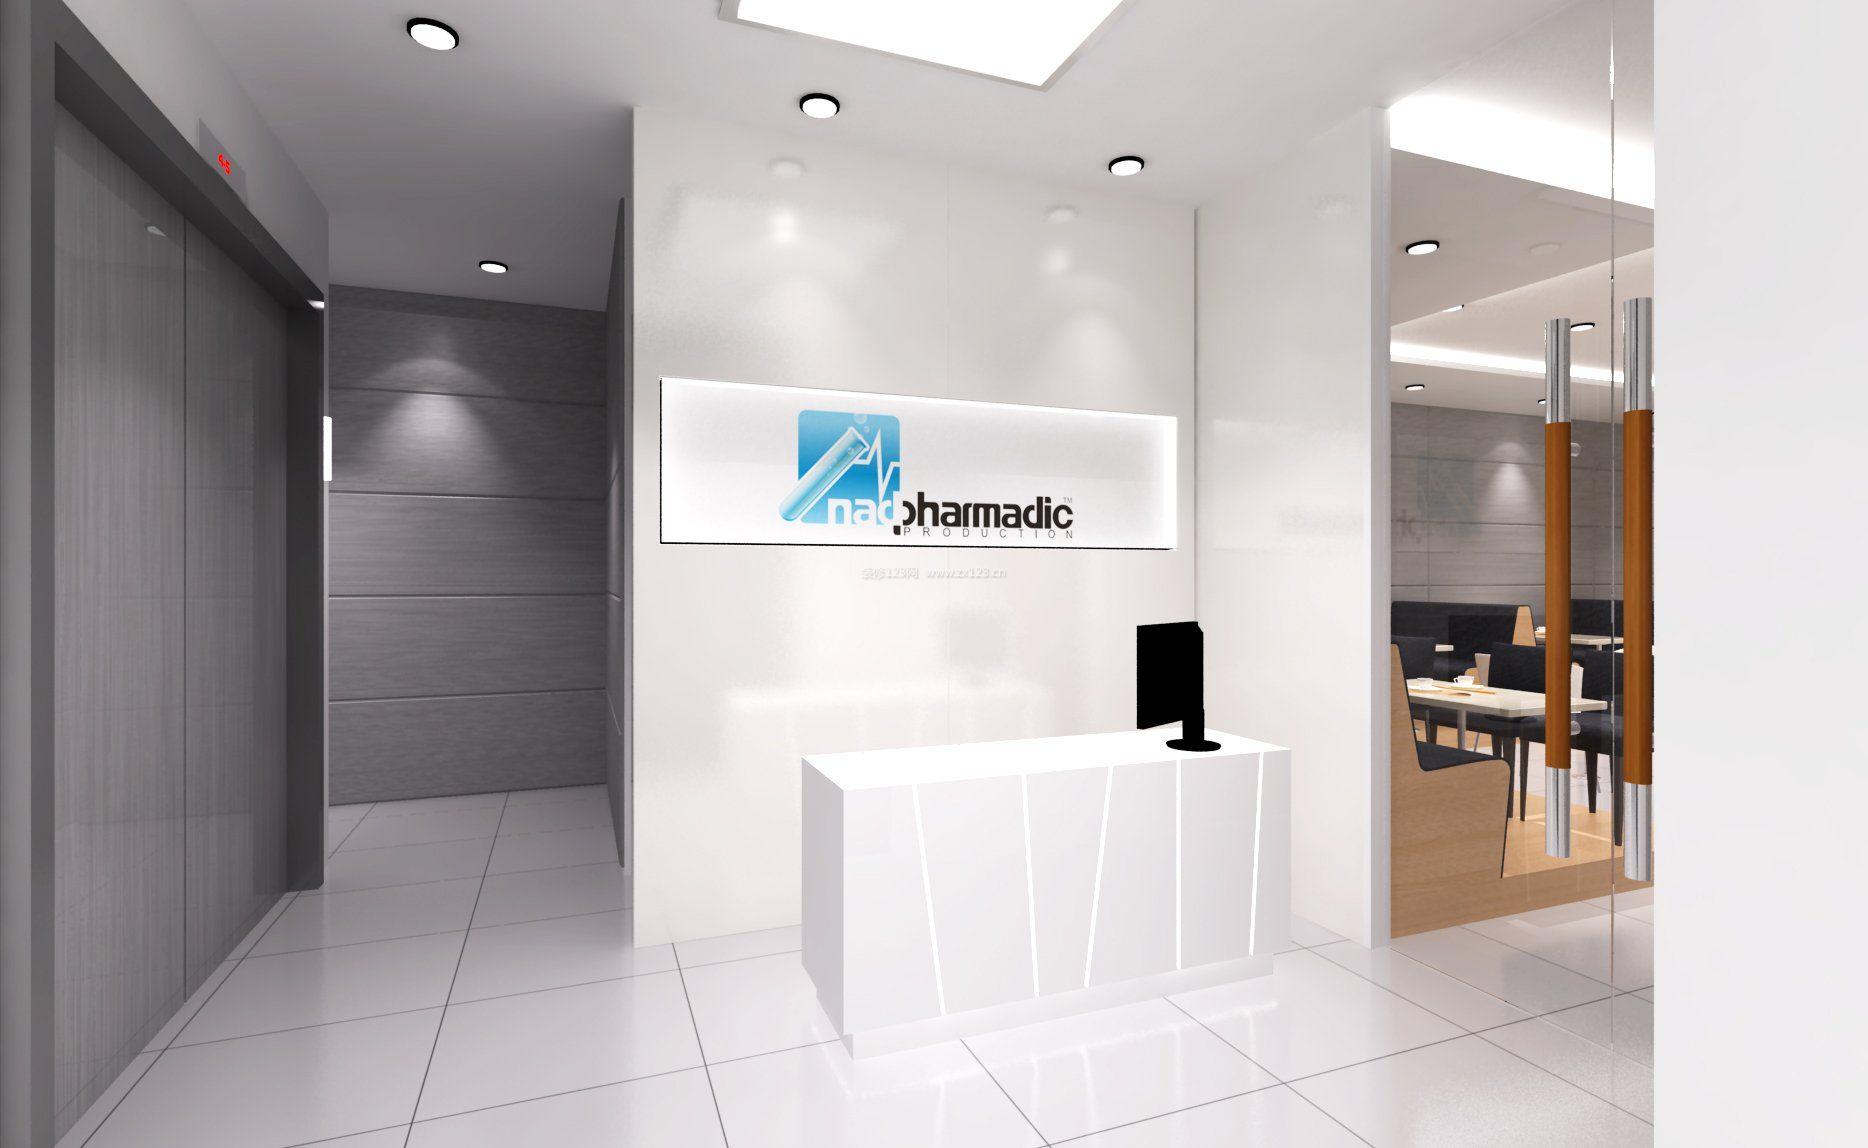 小型公司前台形象墙效果图图片